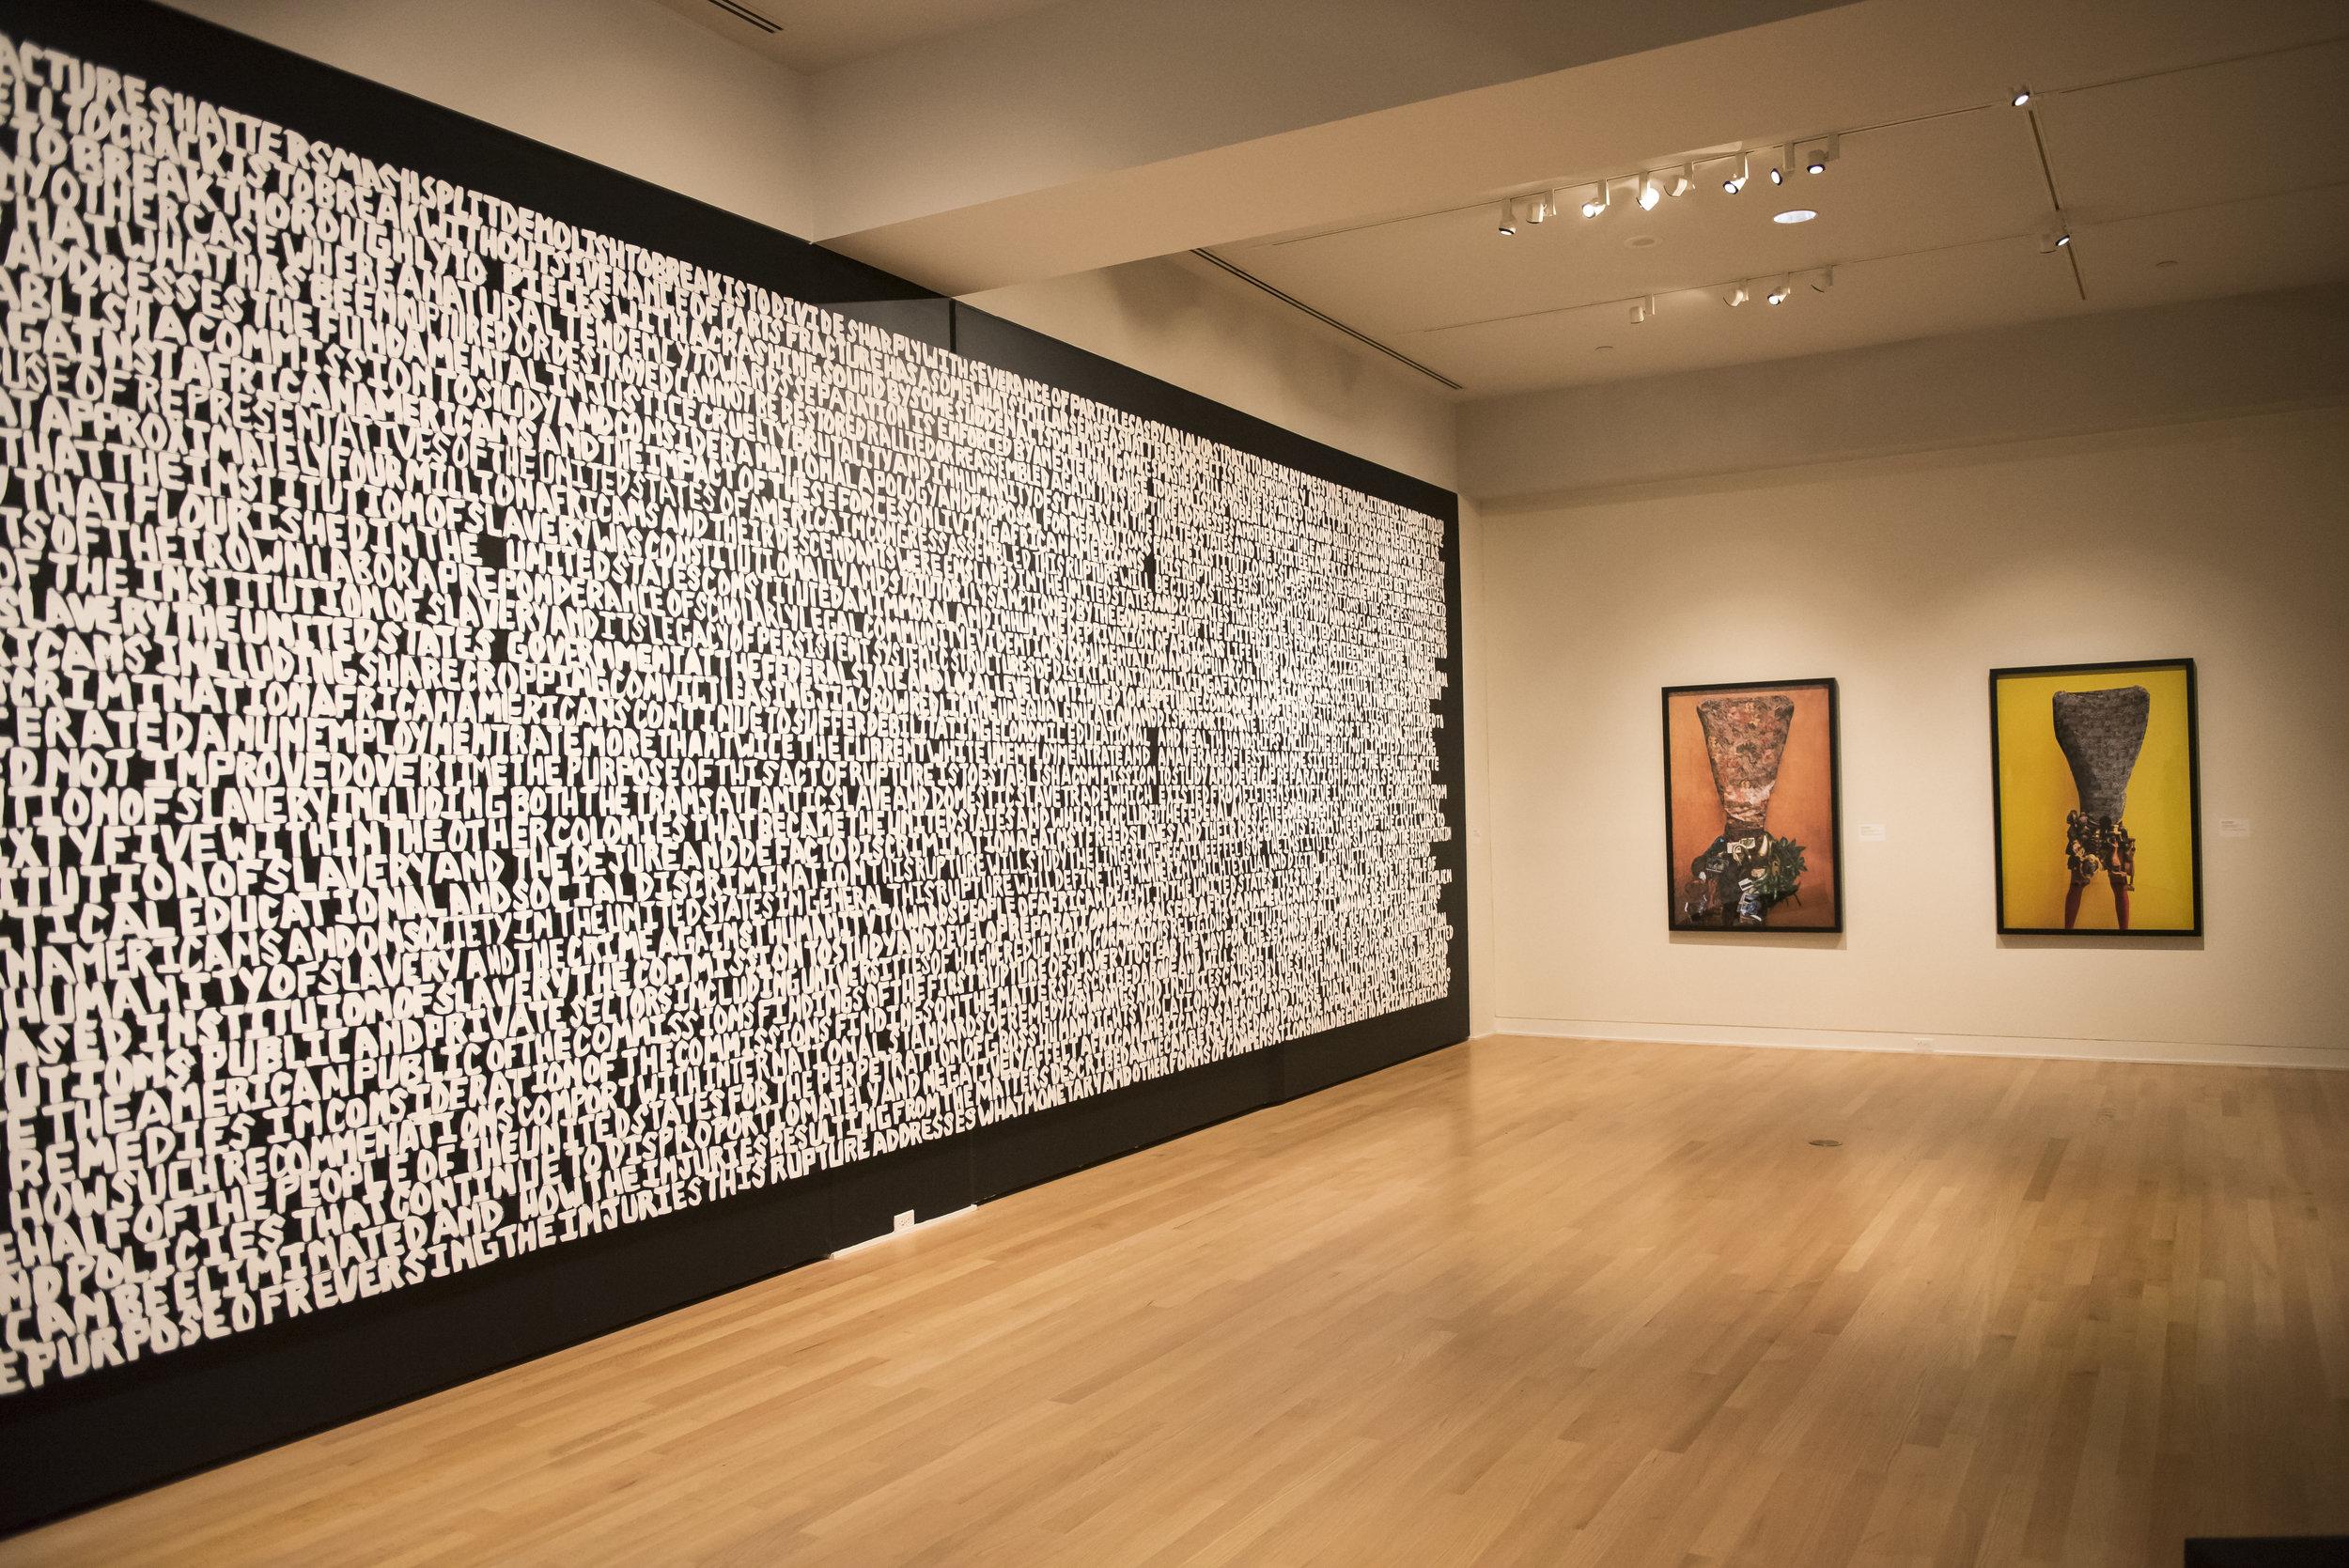 Xaviera Simmons, Installation View at NOMA, 2017